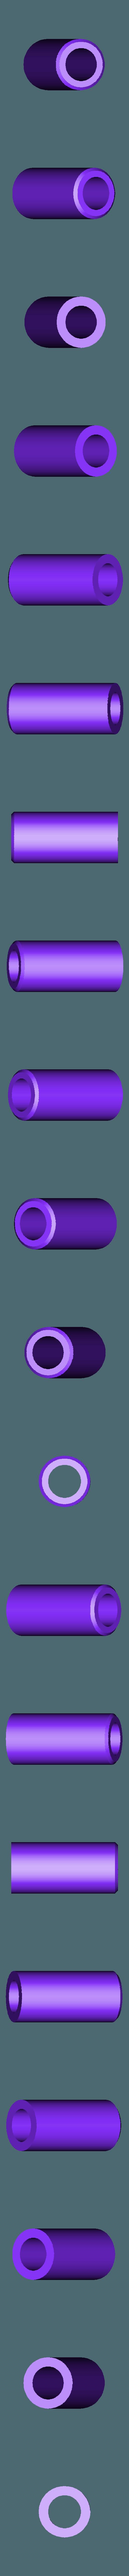 Sleeve.STL Télécharger fichier STL gratuit Machine universelle pour tour miniature • Modèle pour imprimante 3D, perinski